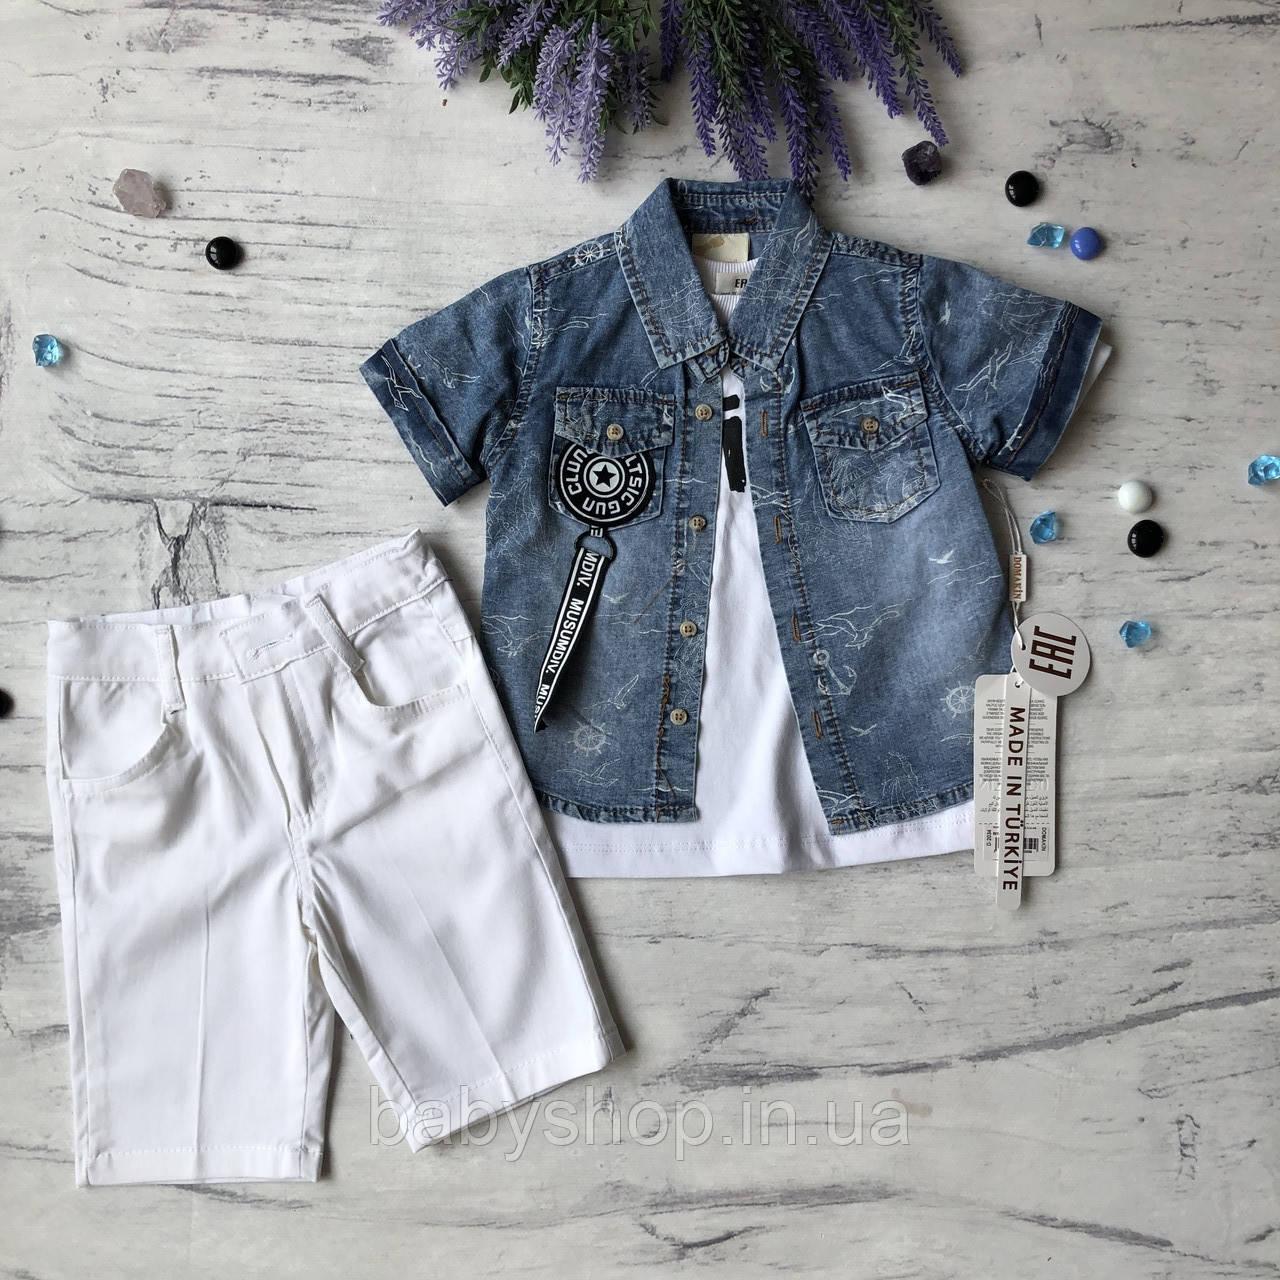 Летний джинсовый костюм на мальчика 28. Размер 1 год (86 cм), 2 года, 3 года, 4 года